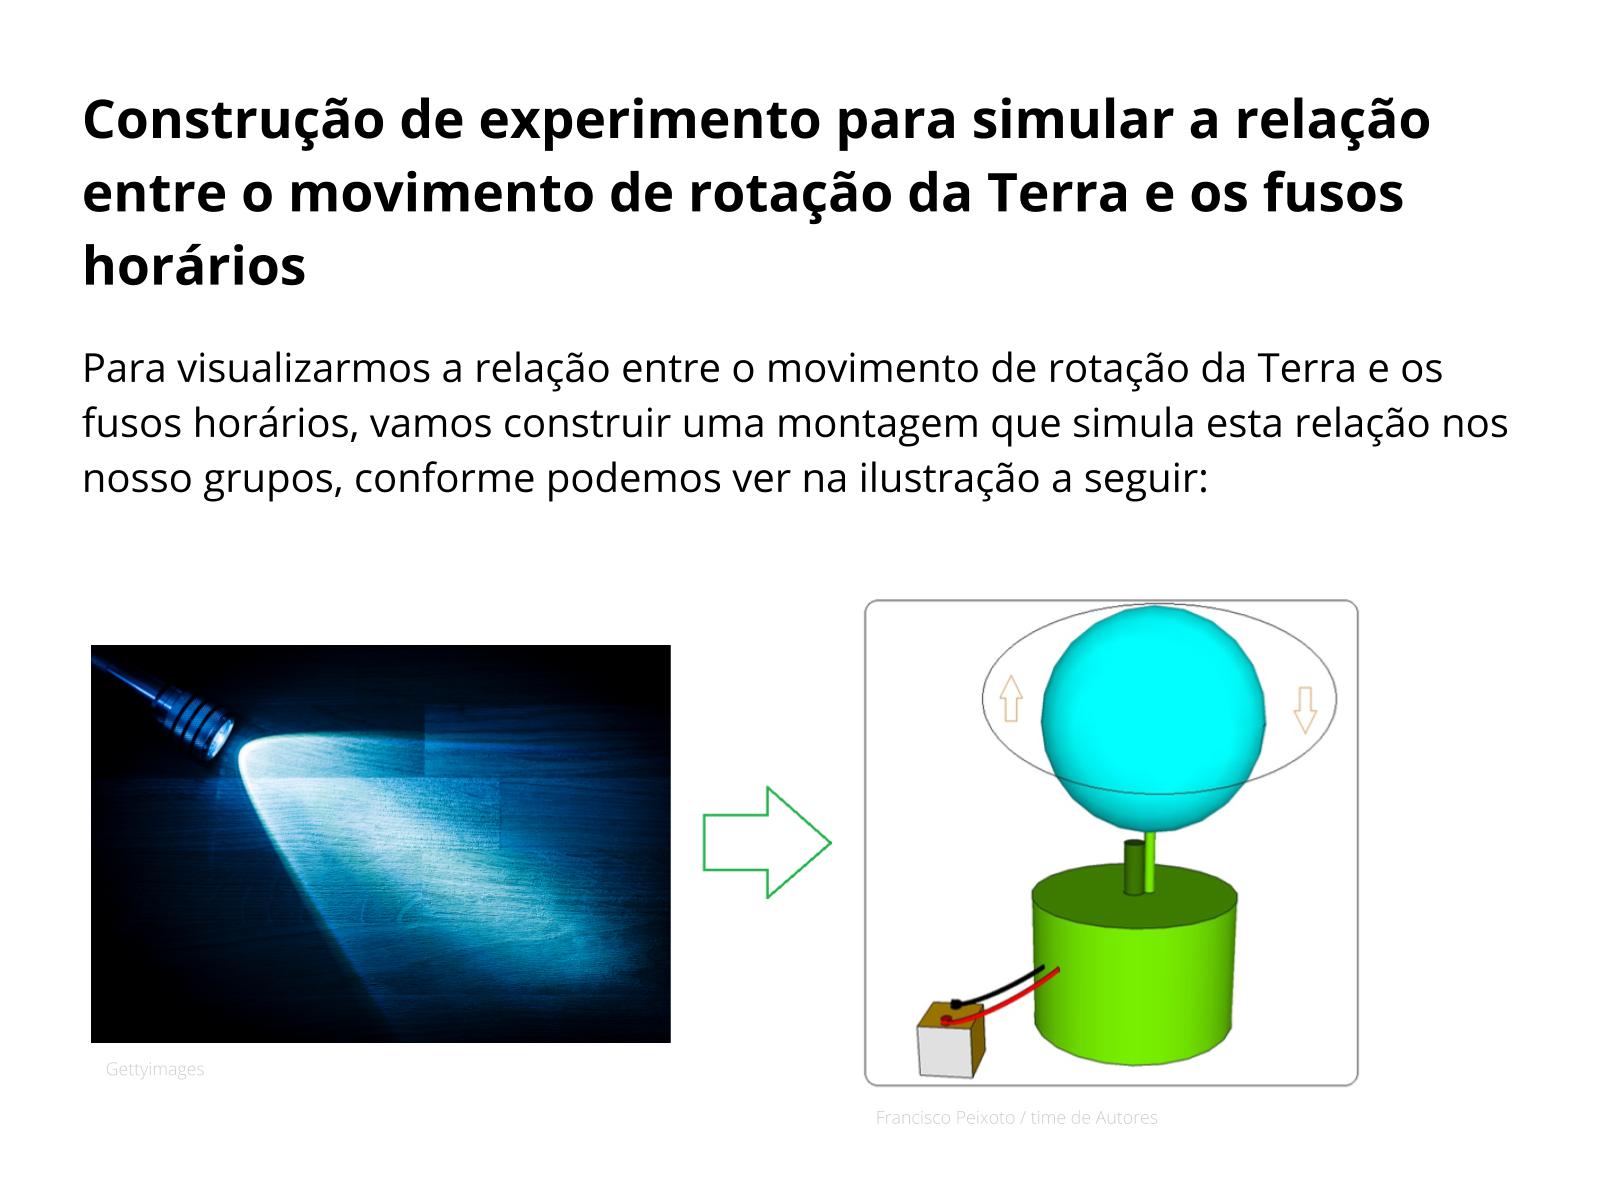 Relação entre o movimento de rotação da Terra e os fusos horários